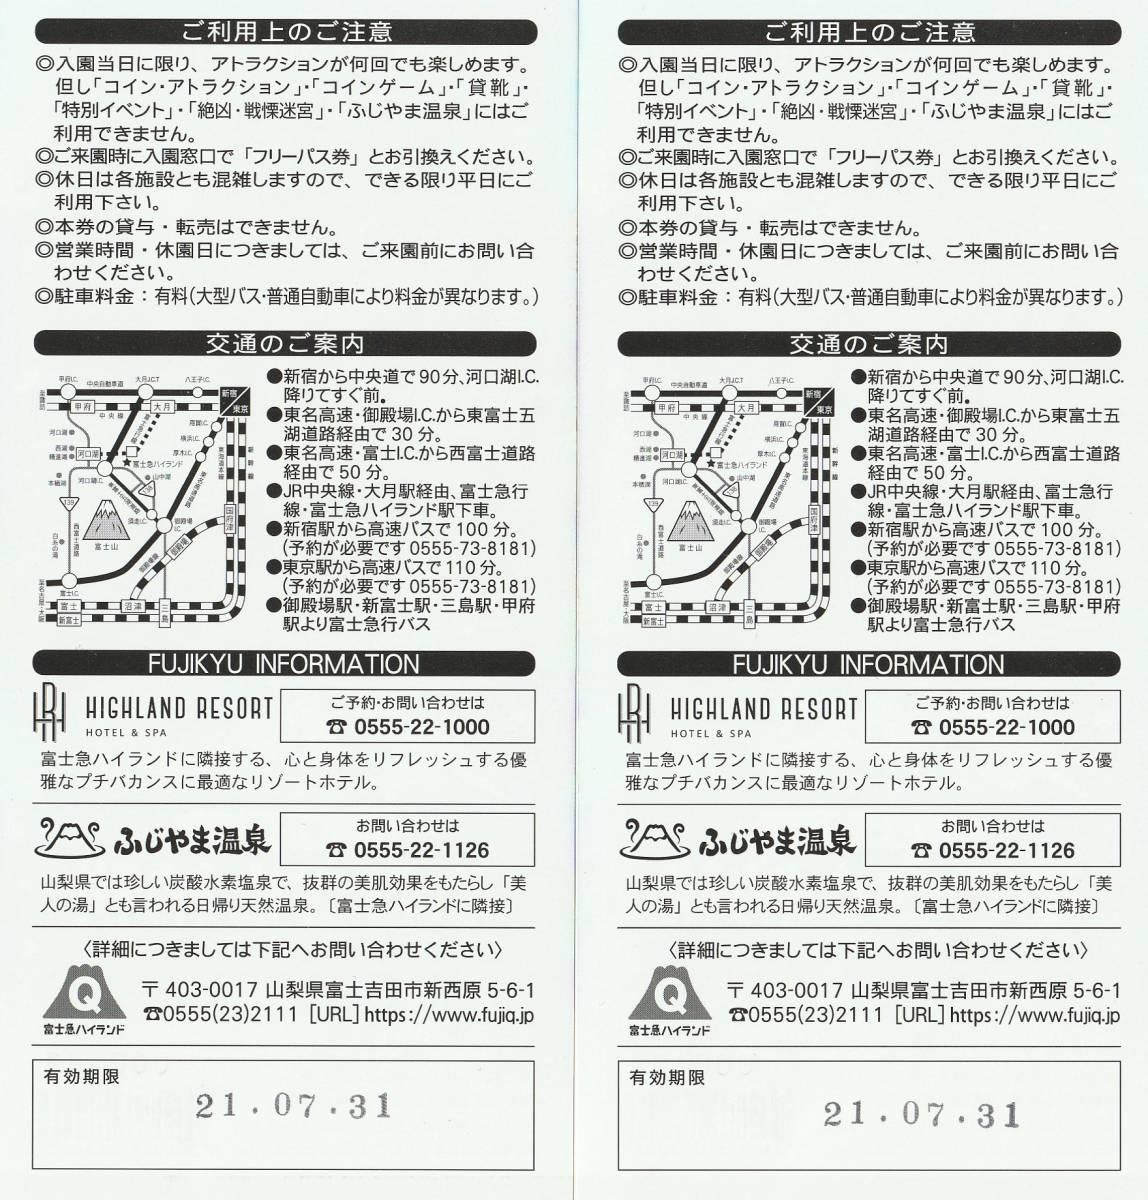 富士急ハイランド フリーパス 引換券 ギフトチケット 2枚1組 有効期限2021年07月31日 ペアチケット_画像2